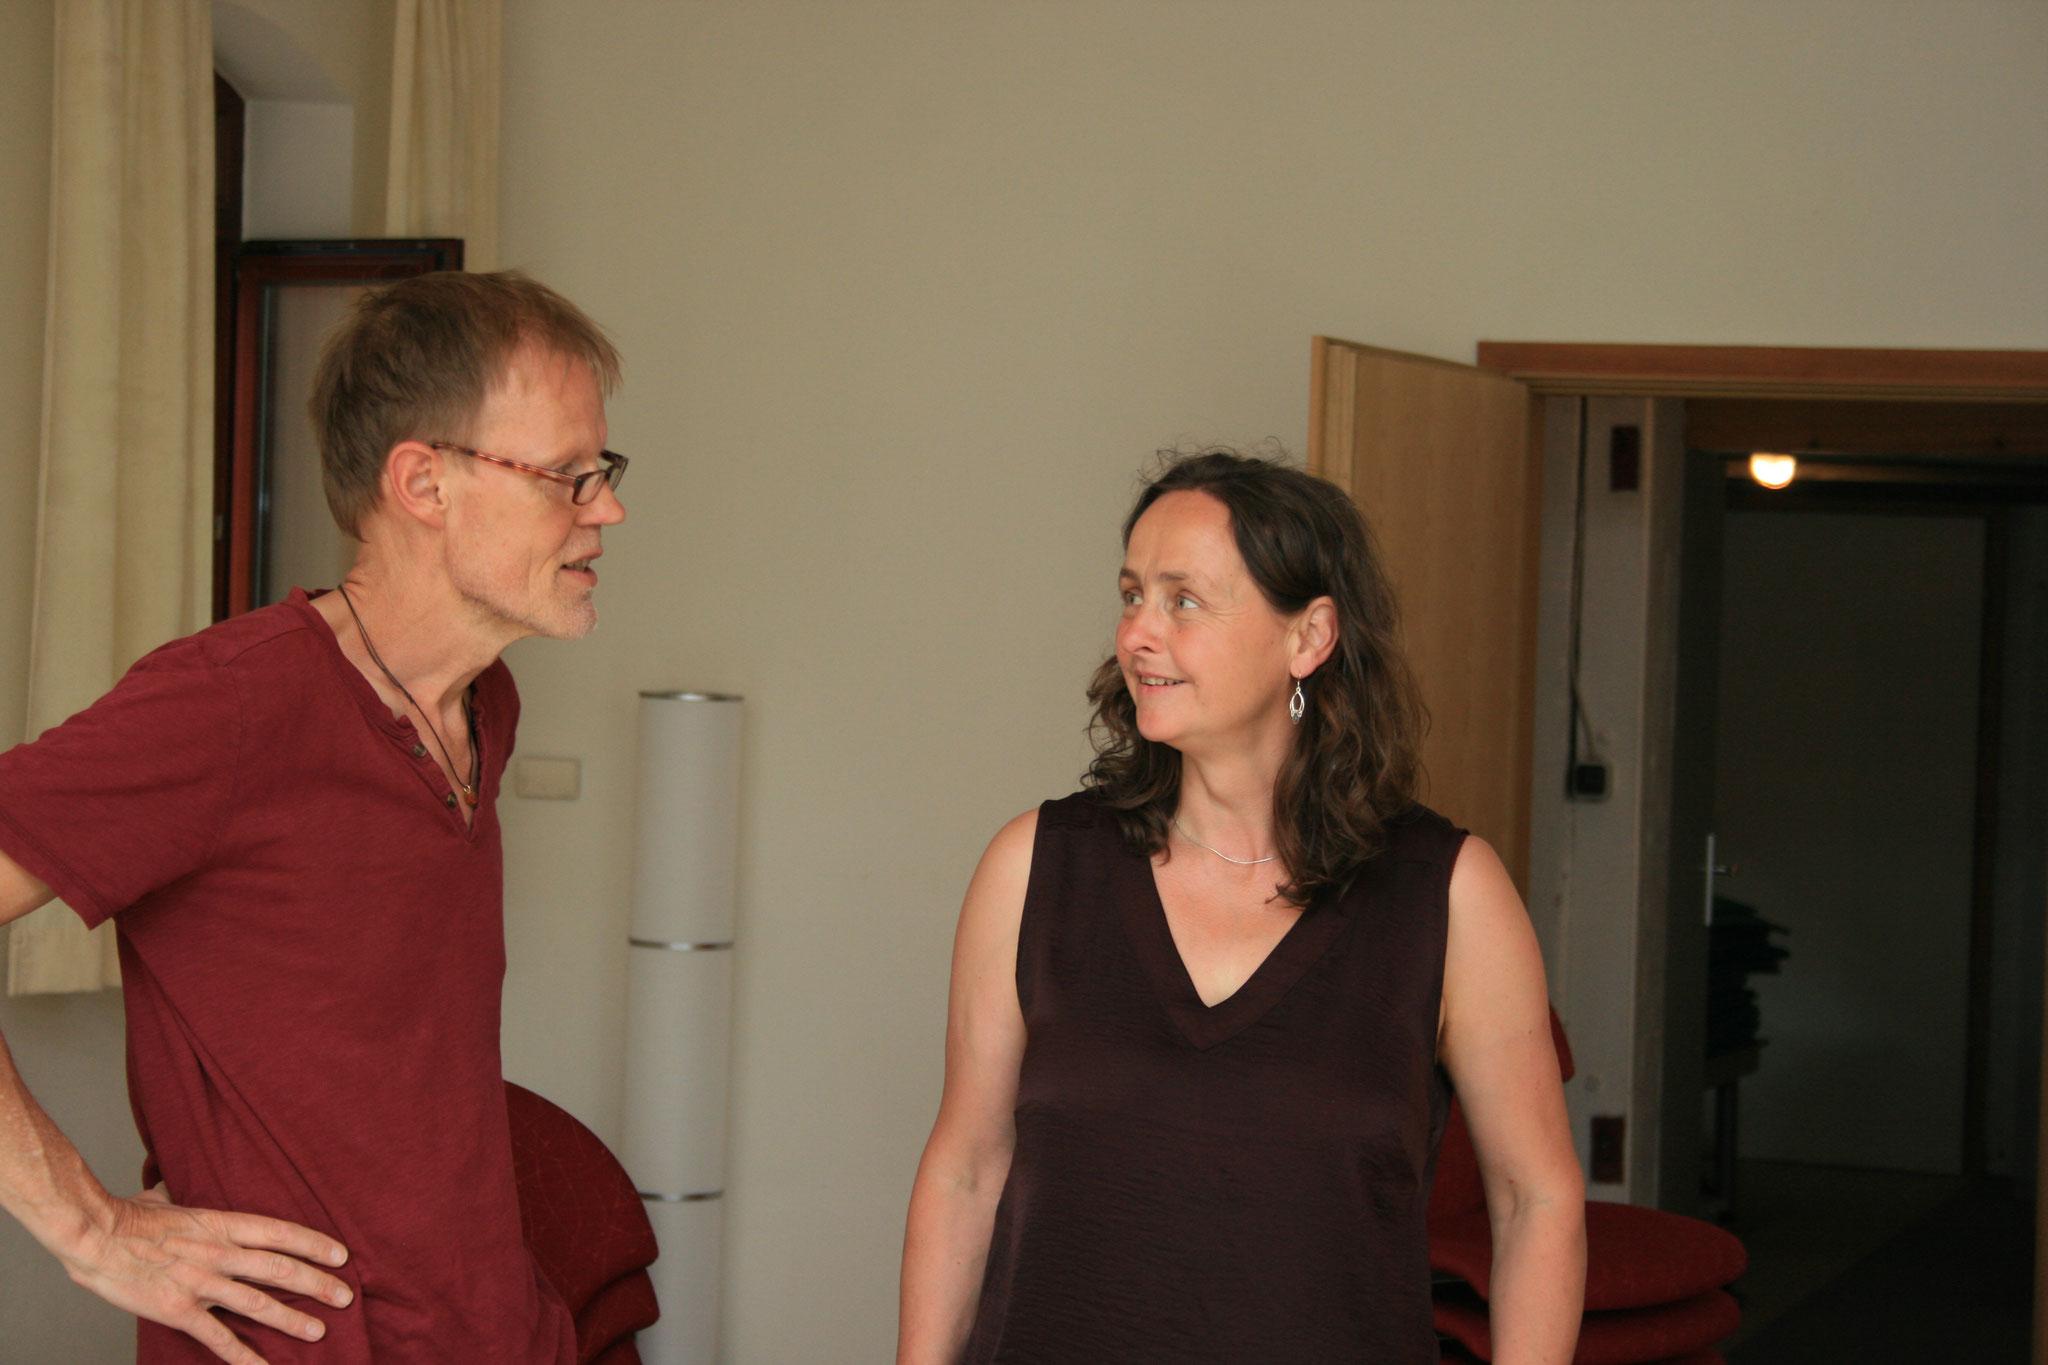 Jochen & Anke Foto: Anne Kehrein & Klaus Schaarschmidt